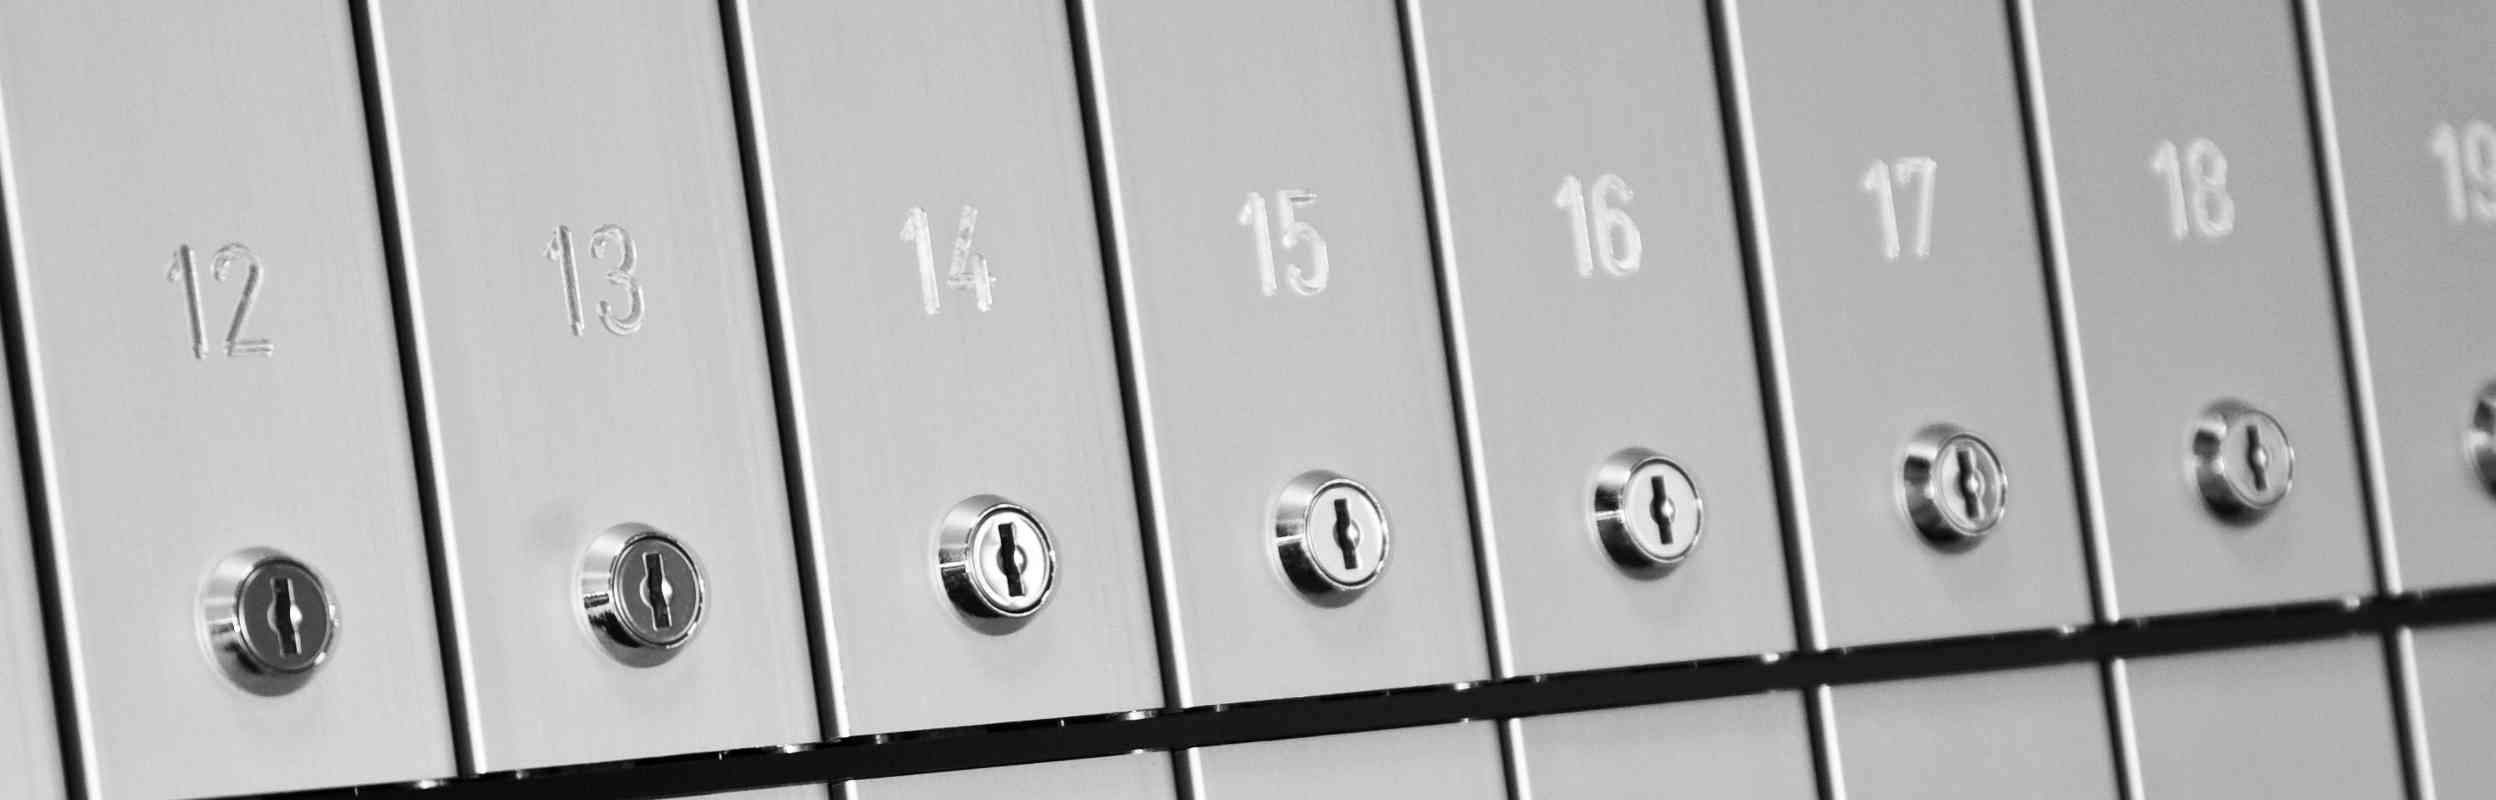 lettre de fermeture de compte bancaire cic